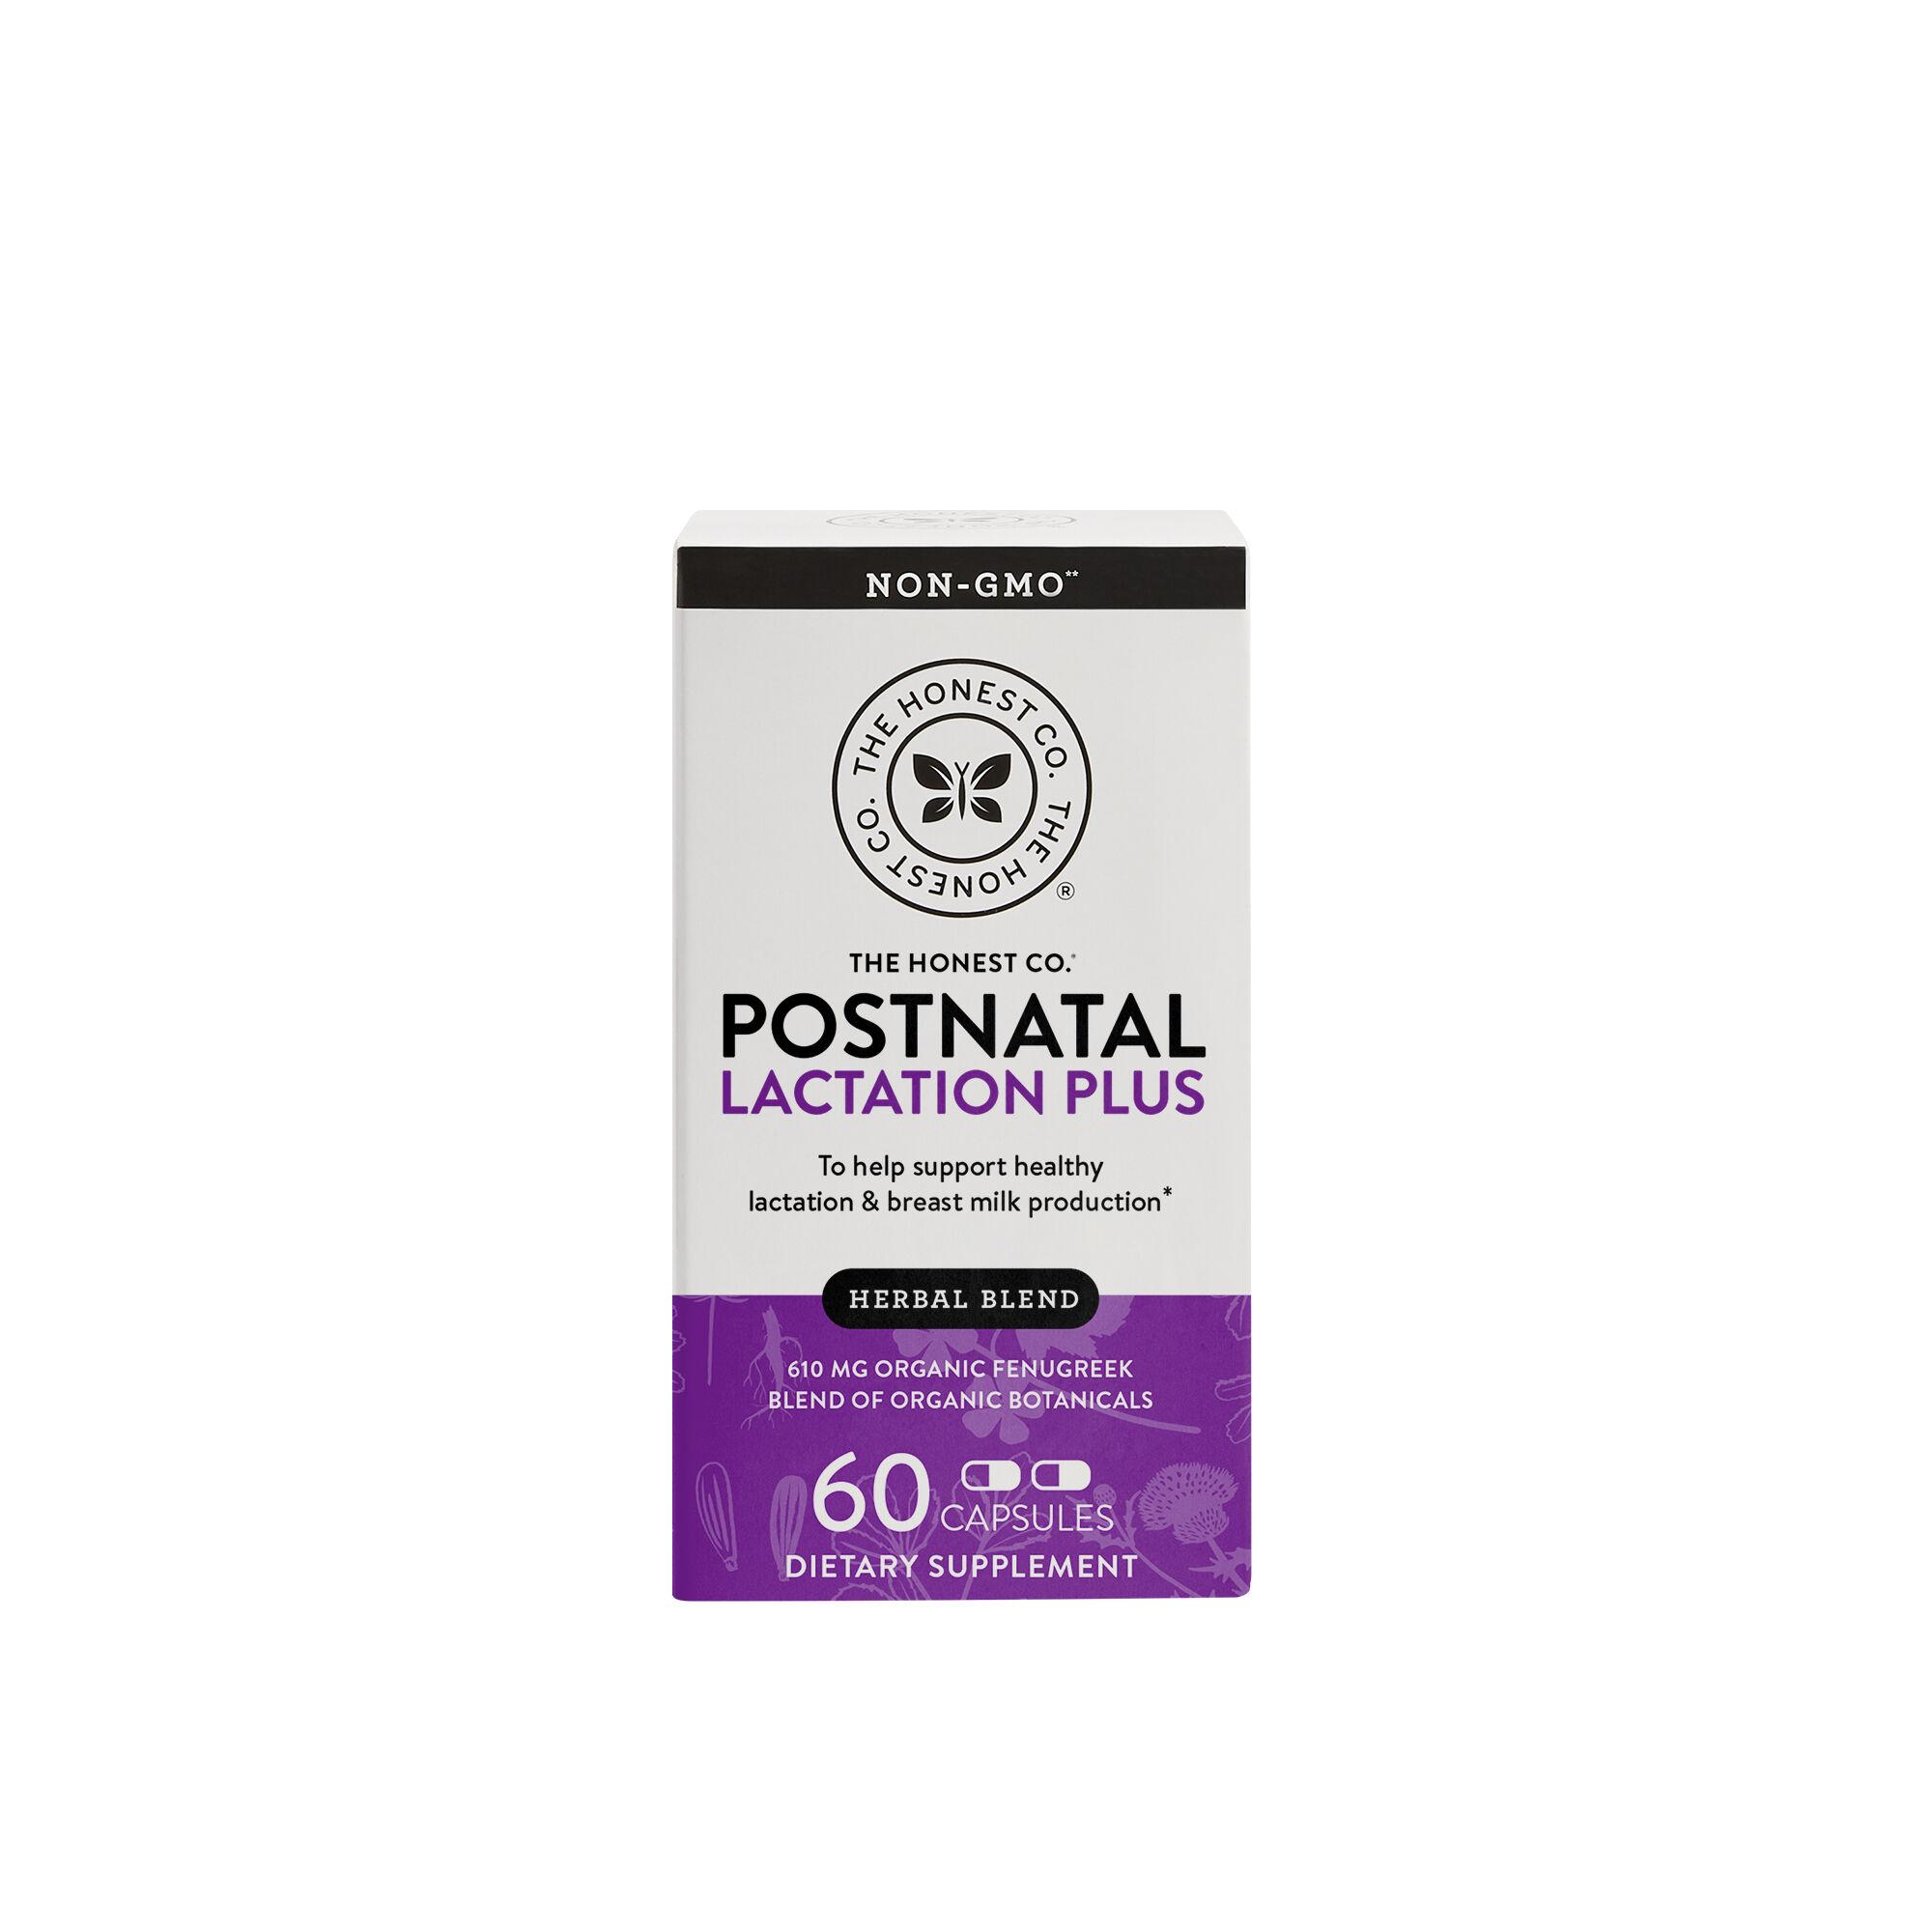 Postnatal Lactation Plus